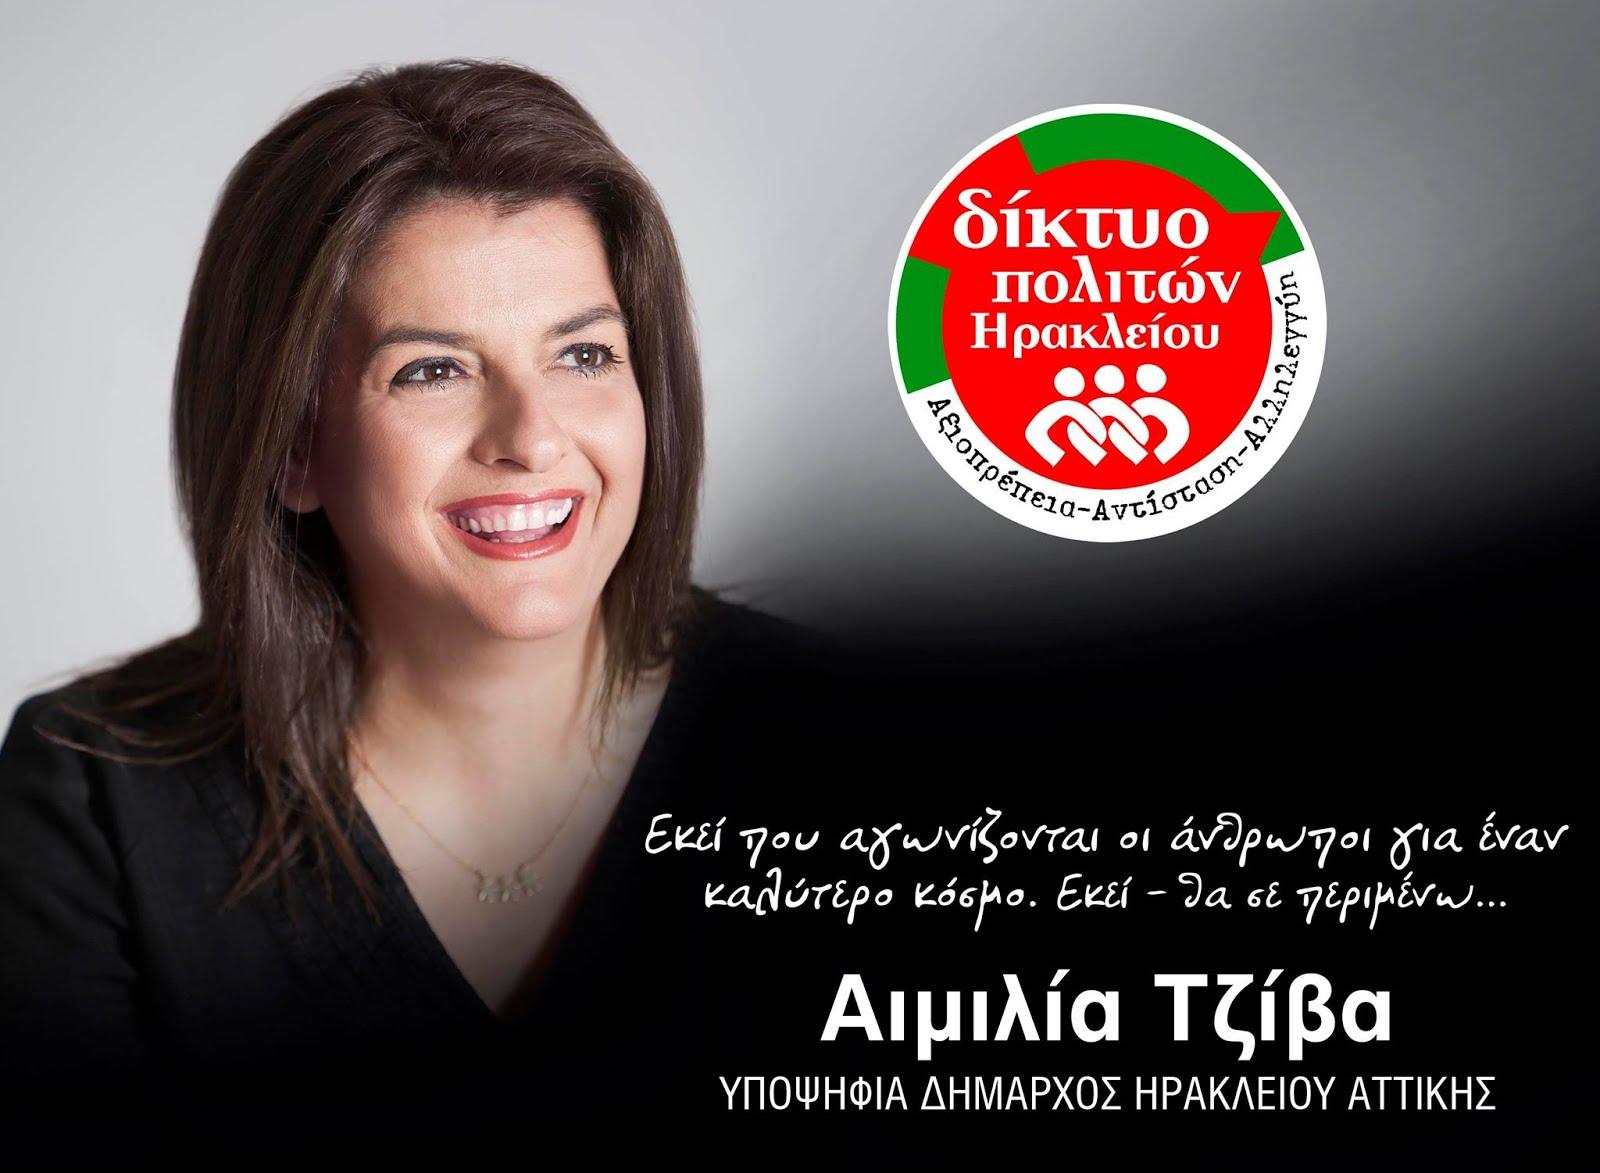 Αιμιλία Τζήβα:Yποψήφια Δήμαρχος Ηρακλείου Αττικής.